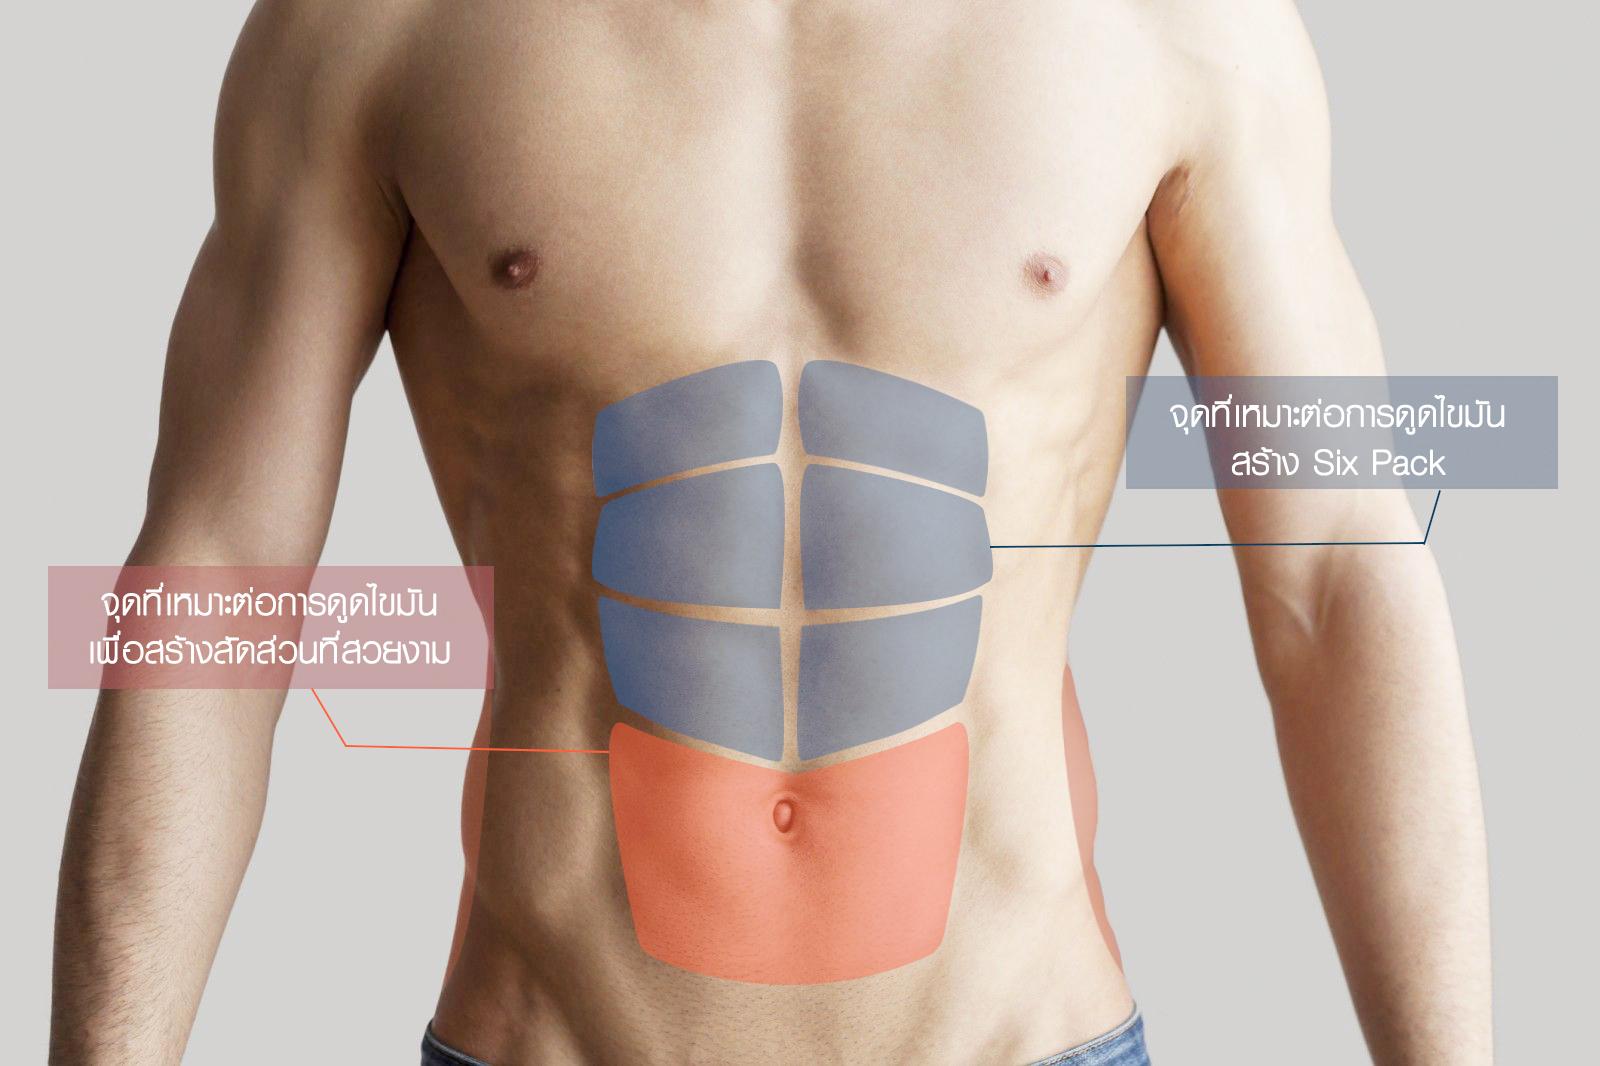 บริเวณที่เหมาะต่อการ ศัลยกรรมดูดไขมันสร้างซิกแพค